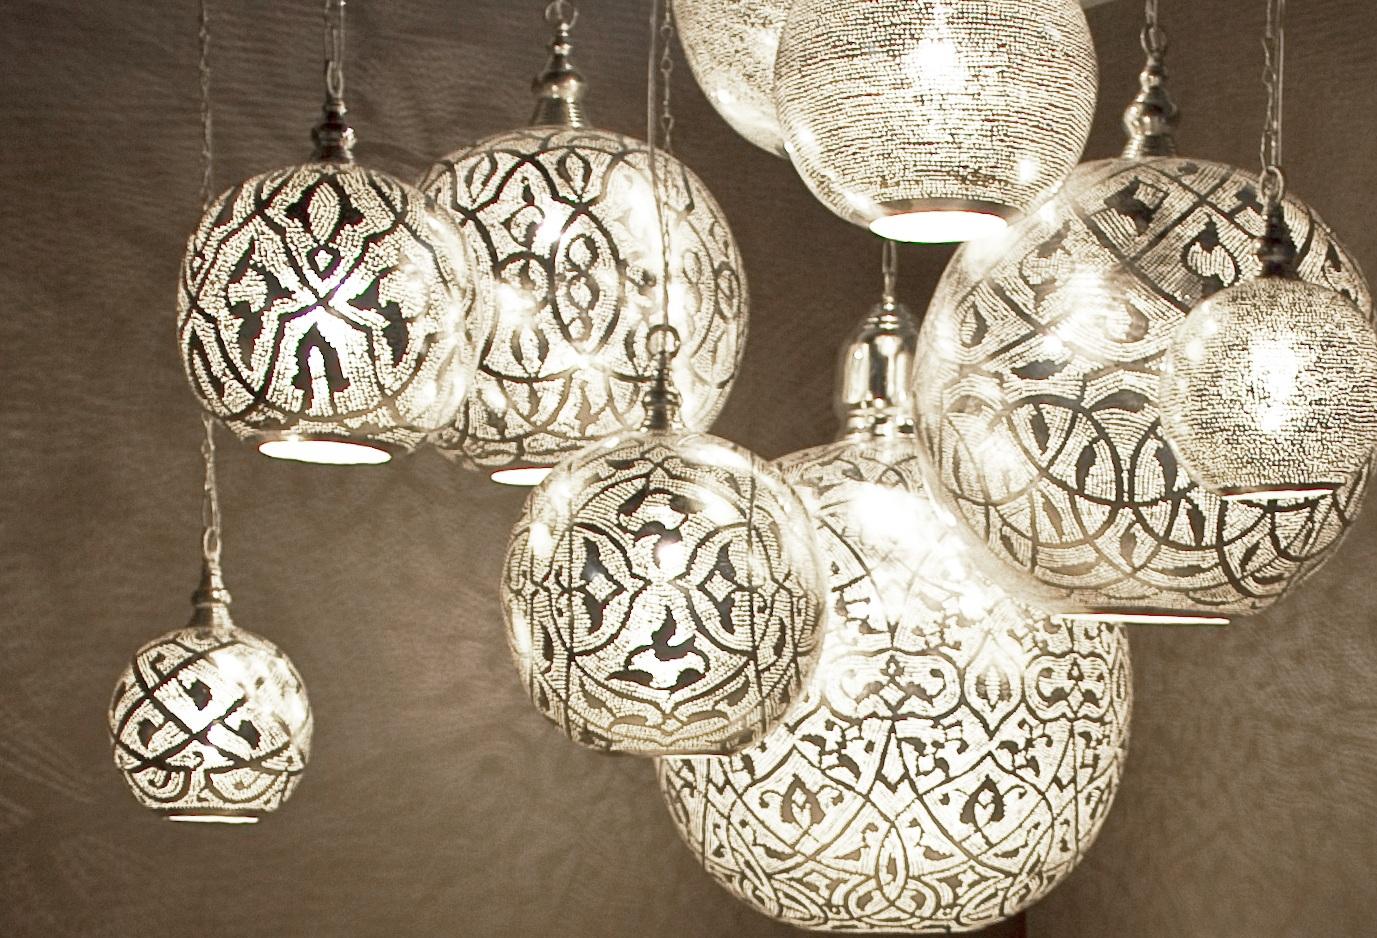 Oosterse Lampen Leenbakker : Oosterse lampen goedkoop oosterse lampen goedkoop with oosterse